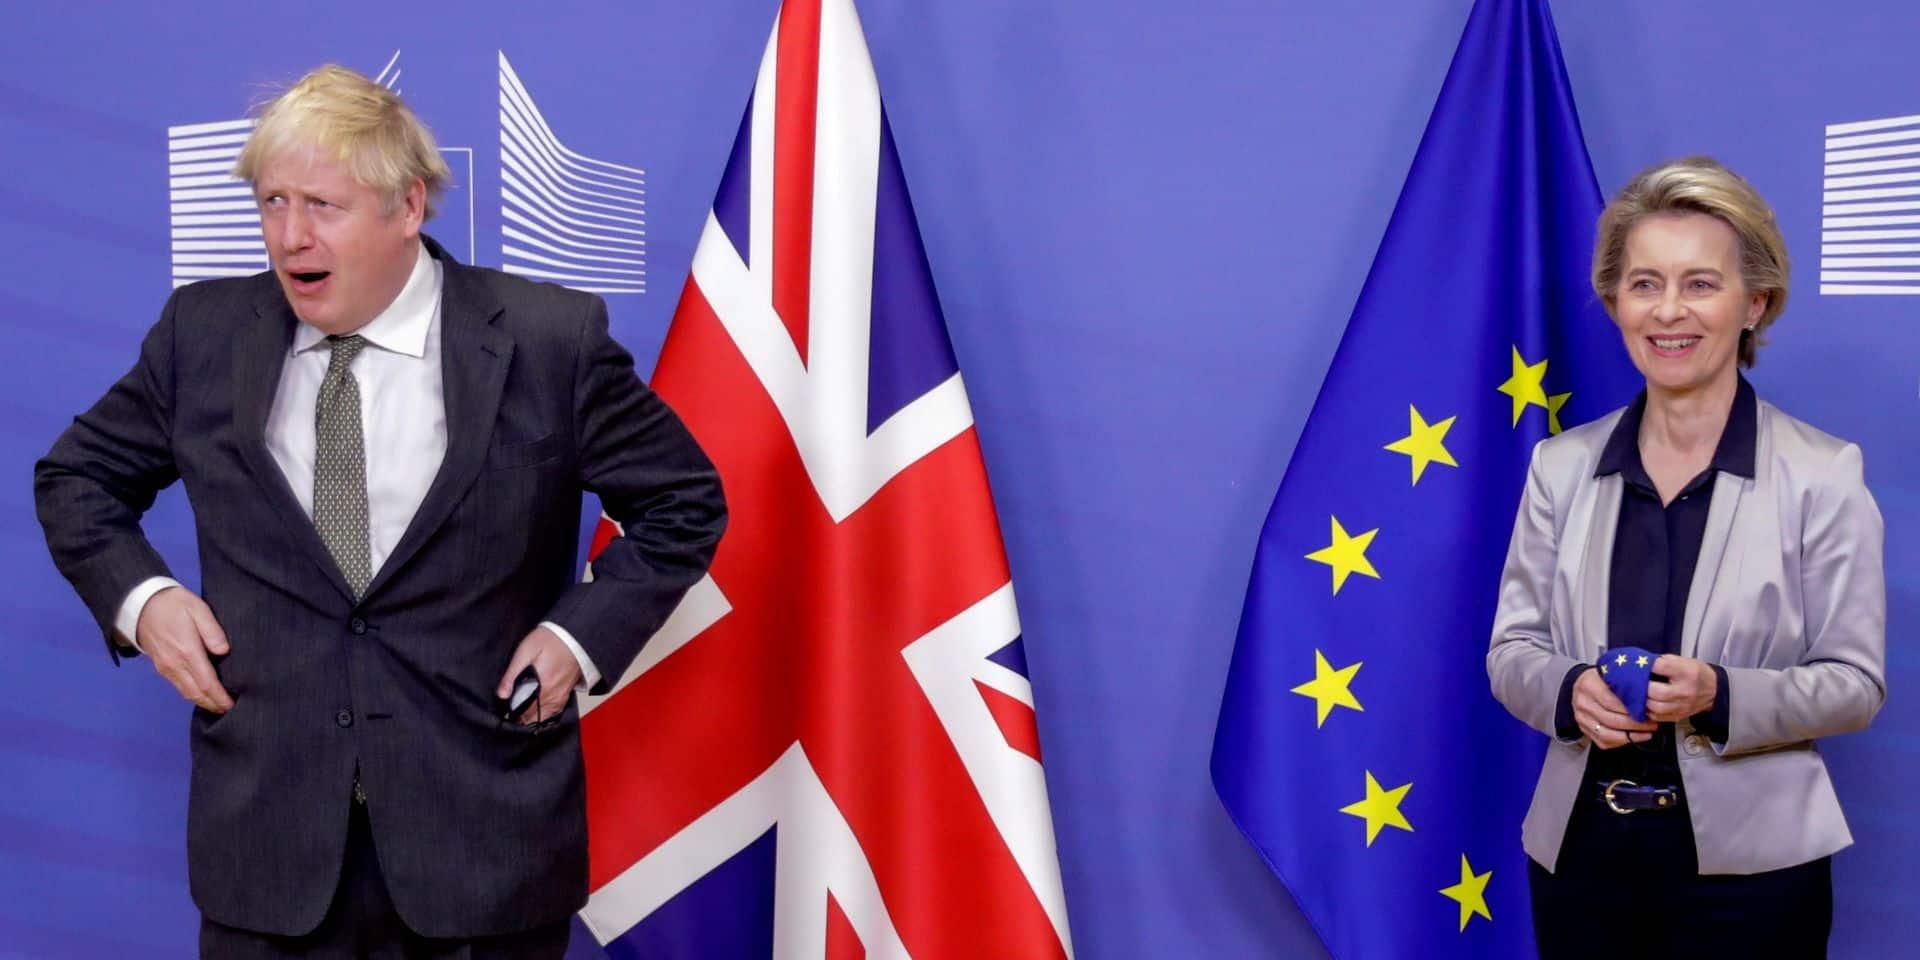 Passeport, travail, frais de roaming : ce qui change concrètement pour les Belges après l'accord sur le Brexit